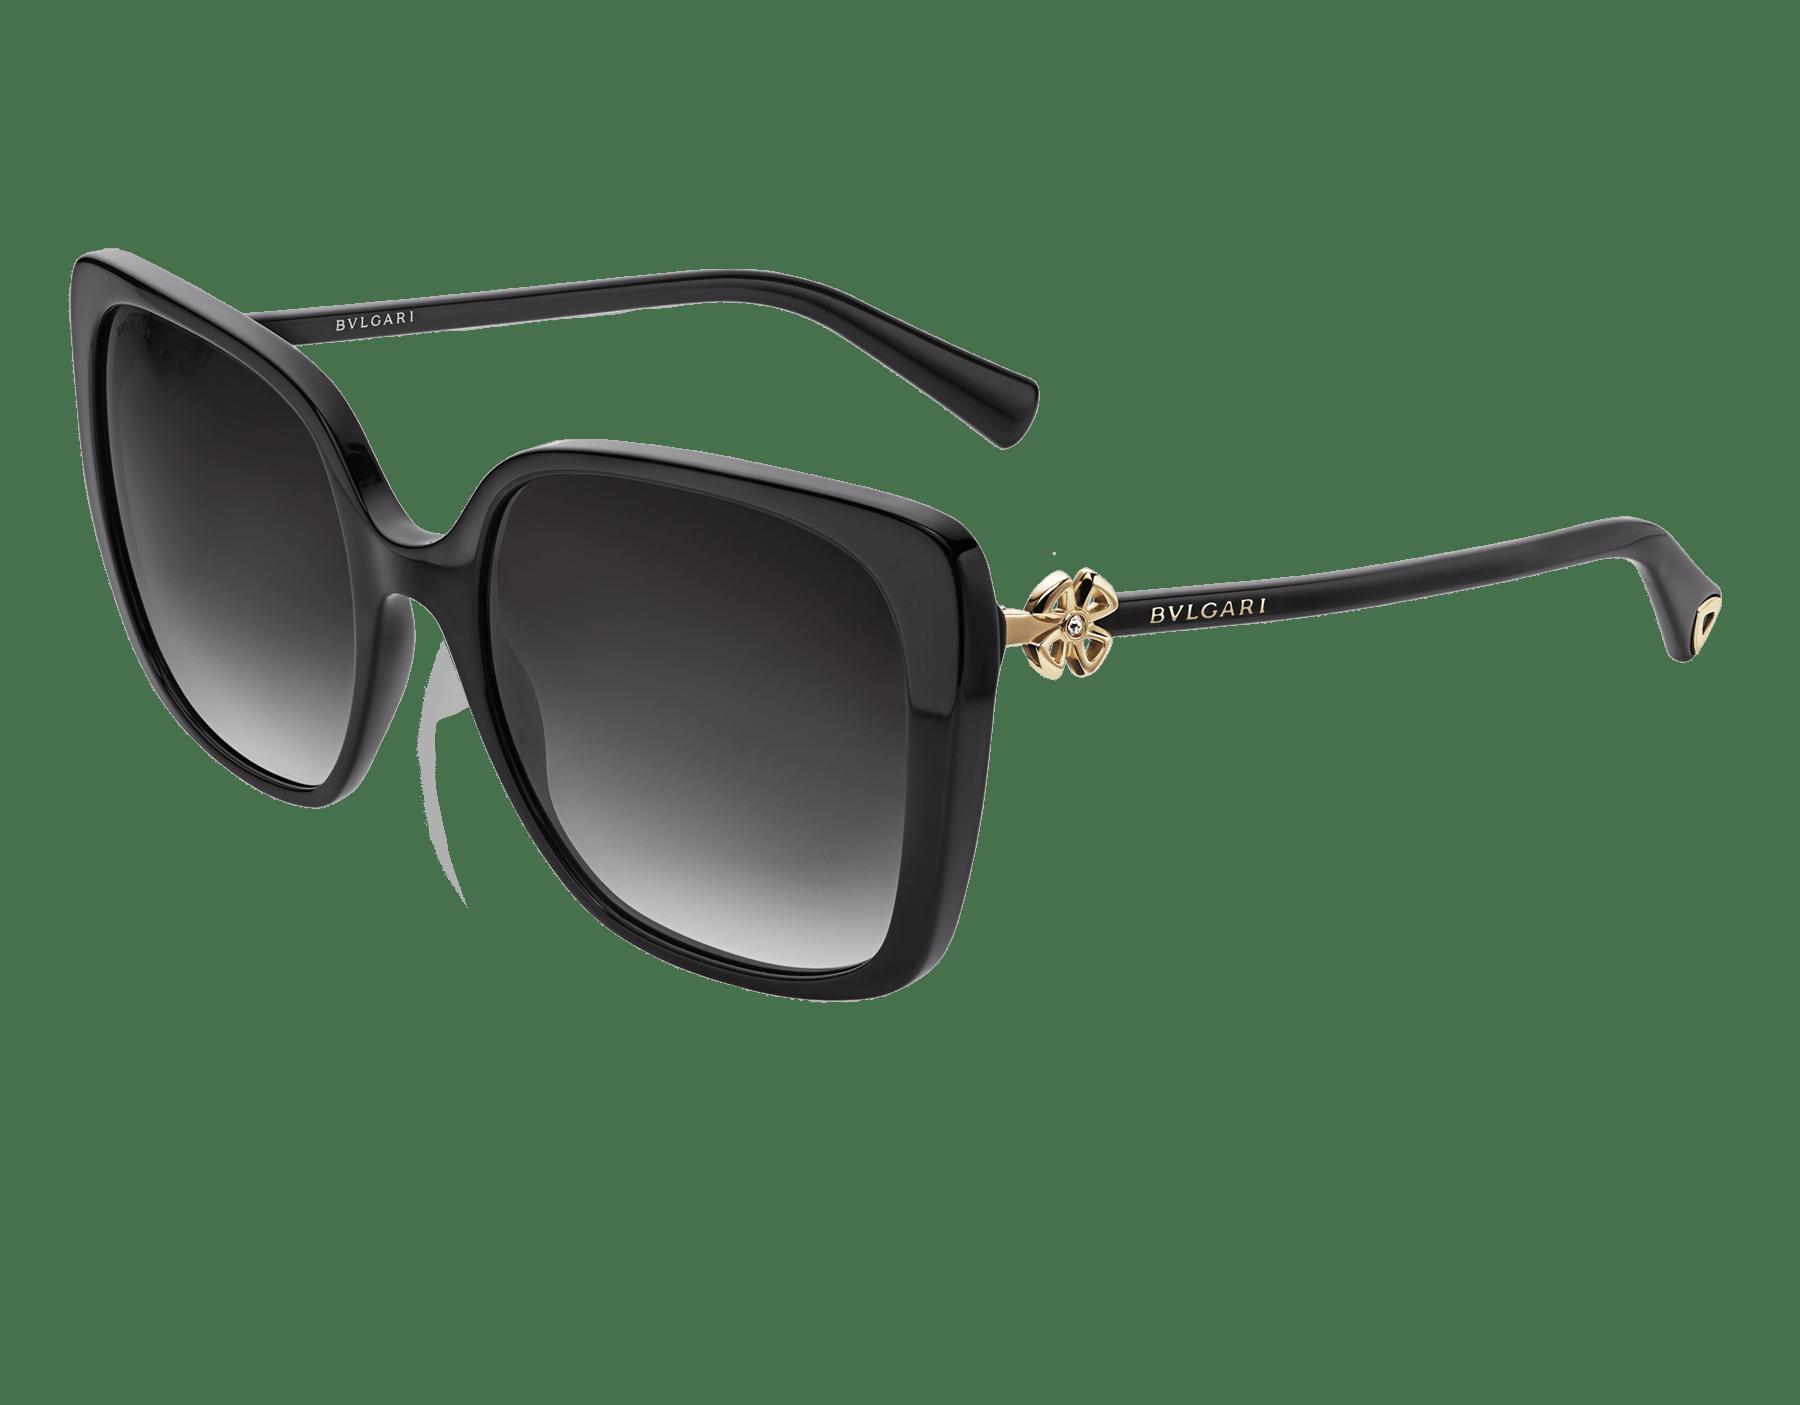 Bulgari Fiorever squared acetate sunglasses. 904010 image 1